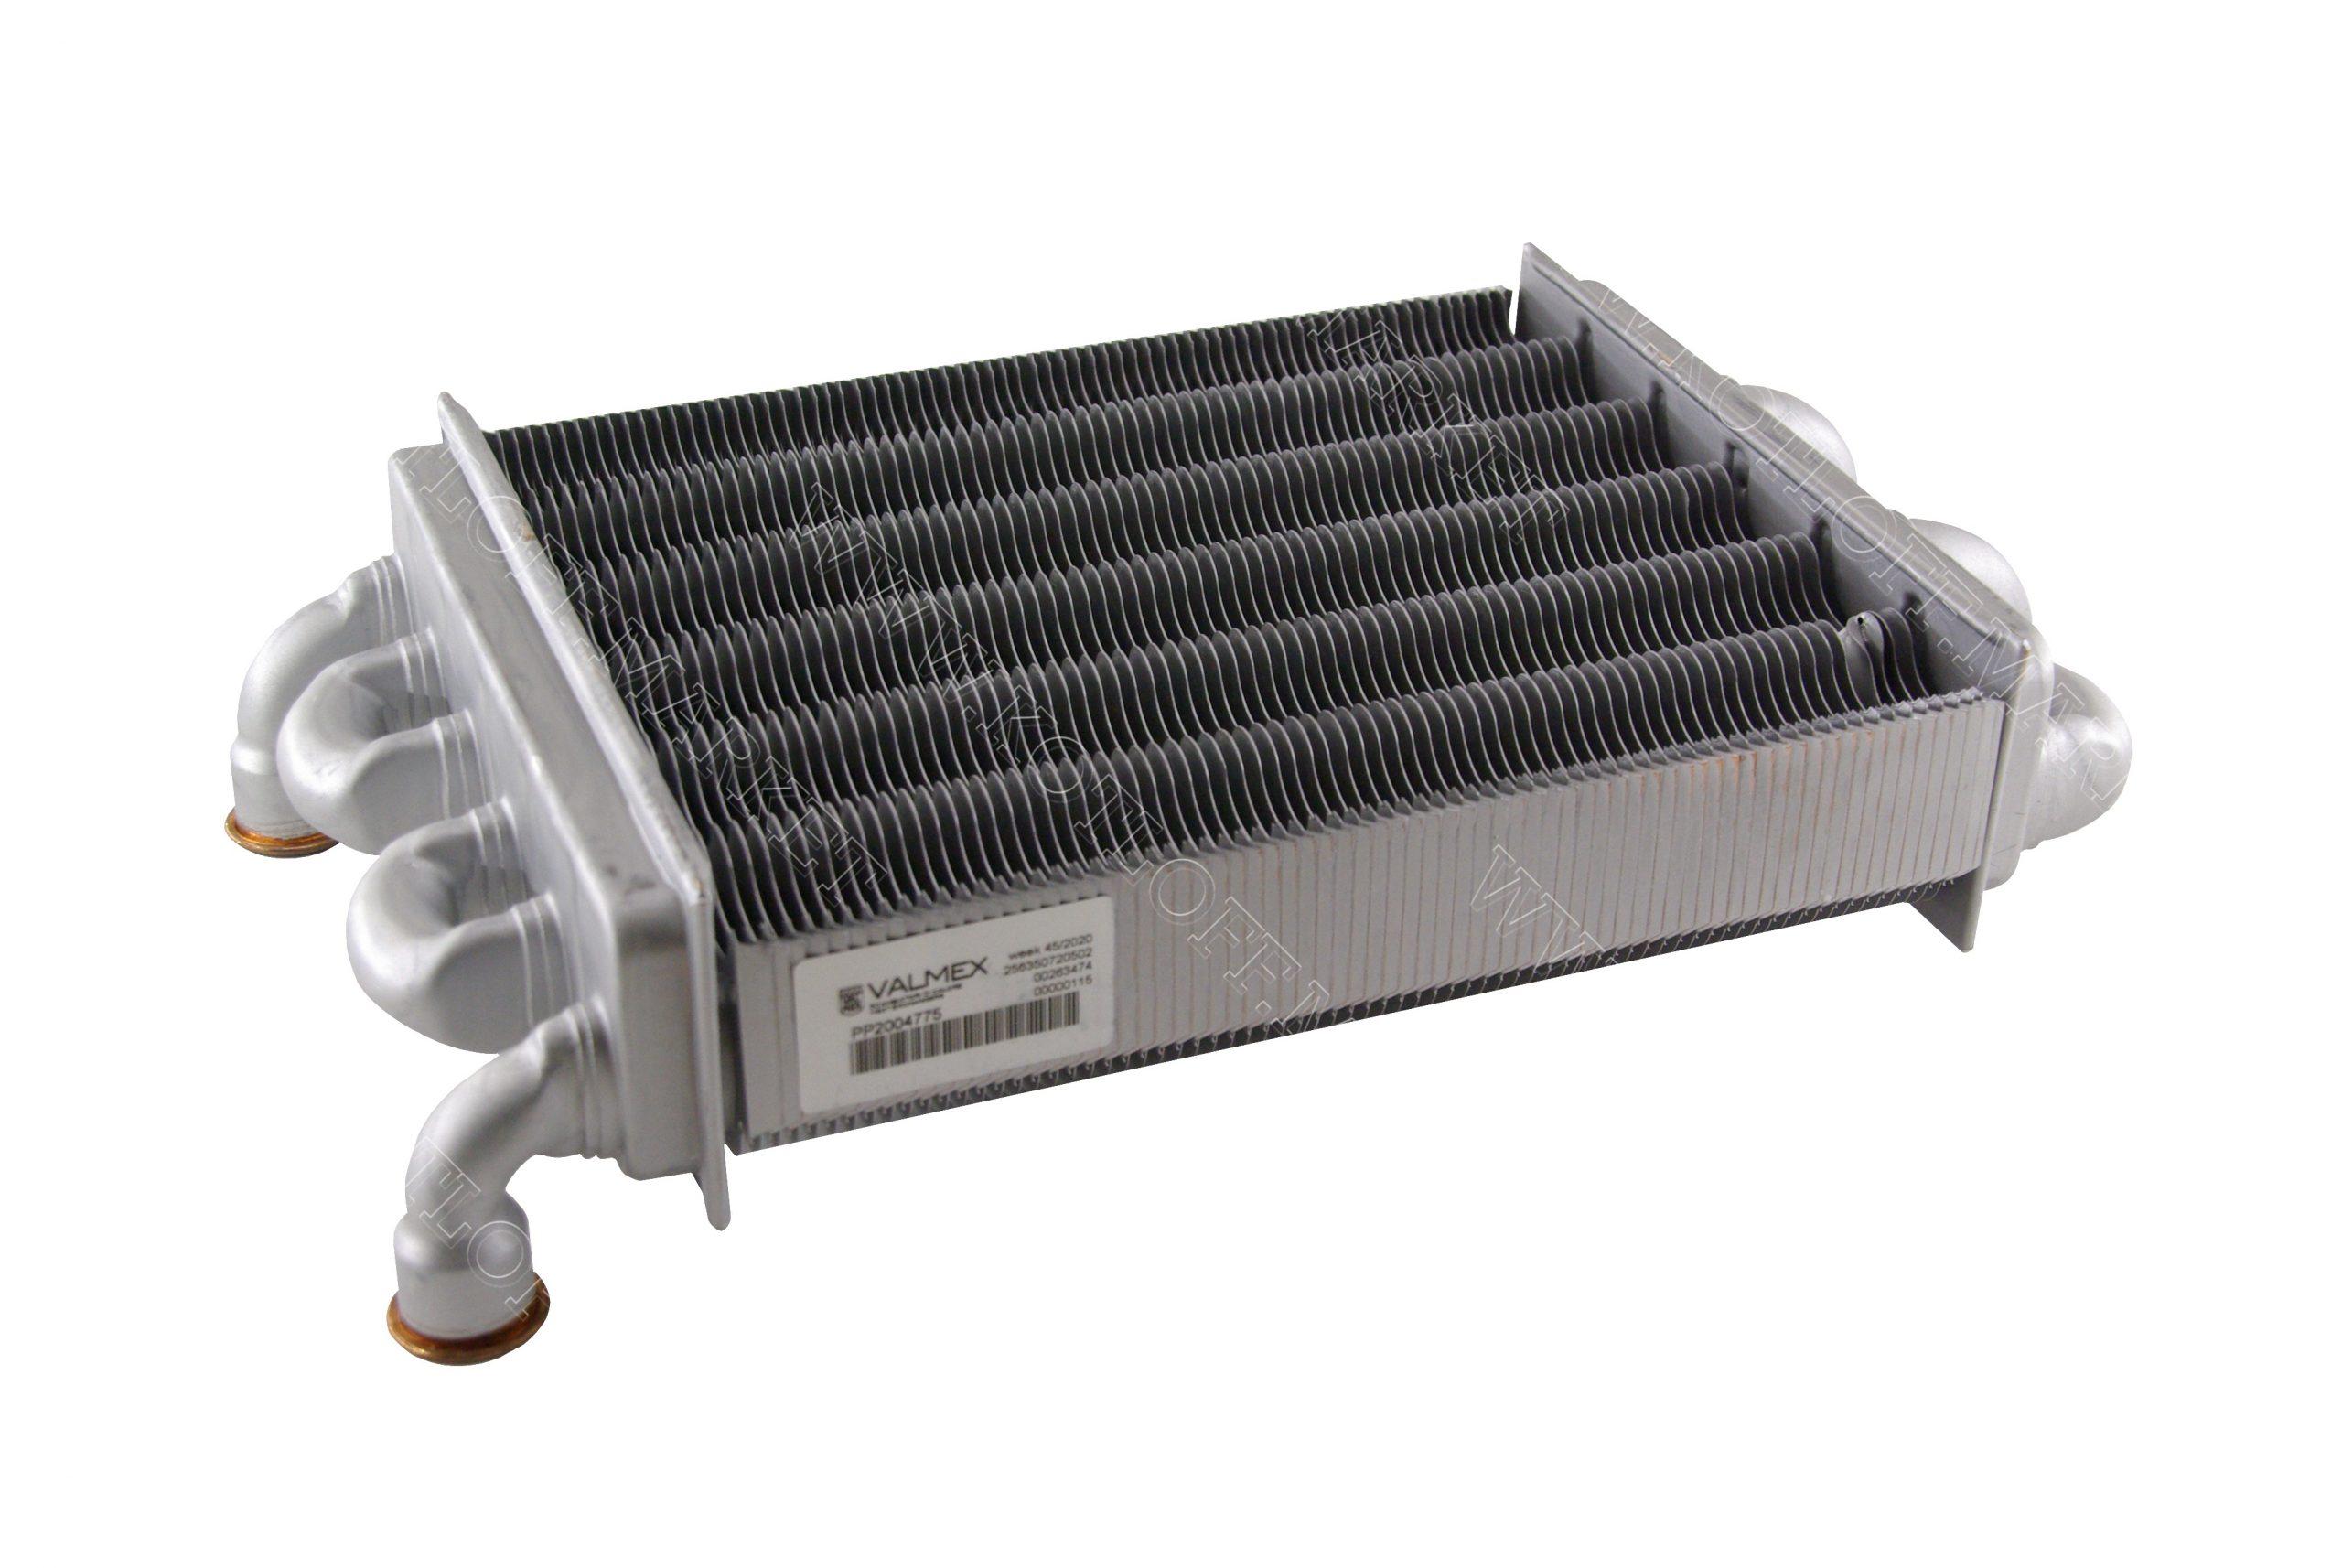 Основной теплообменник для настенных котлов Ariston EGIS 24 FF